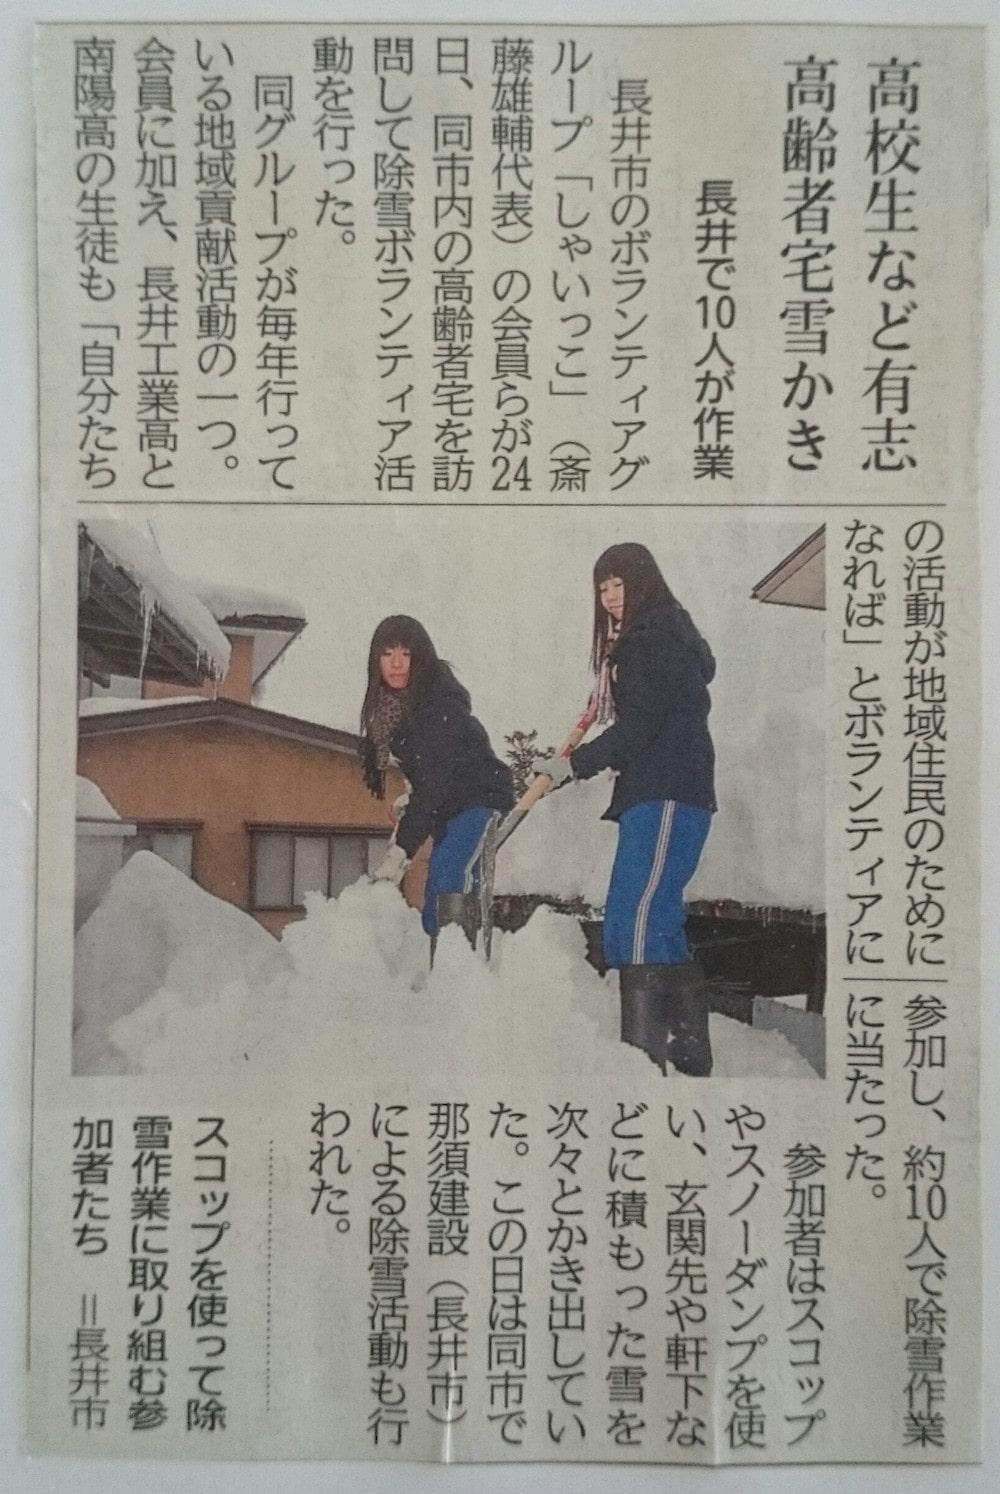 1/24  雪かきボランティア活動 【 しゃいっこ 】:画像